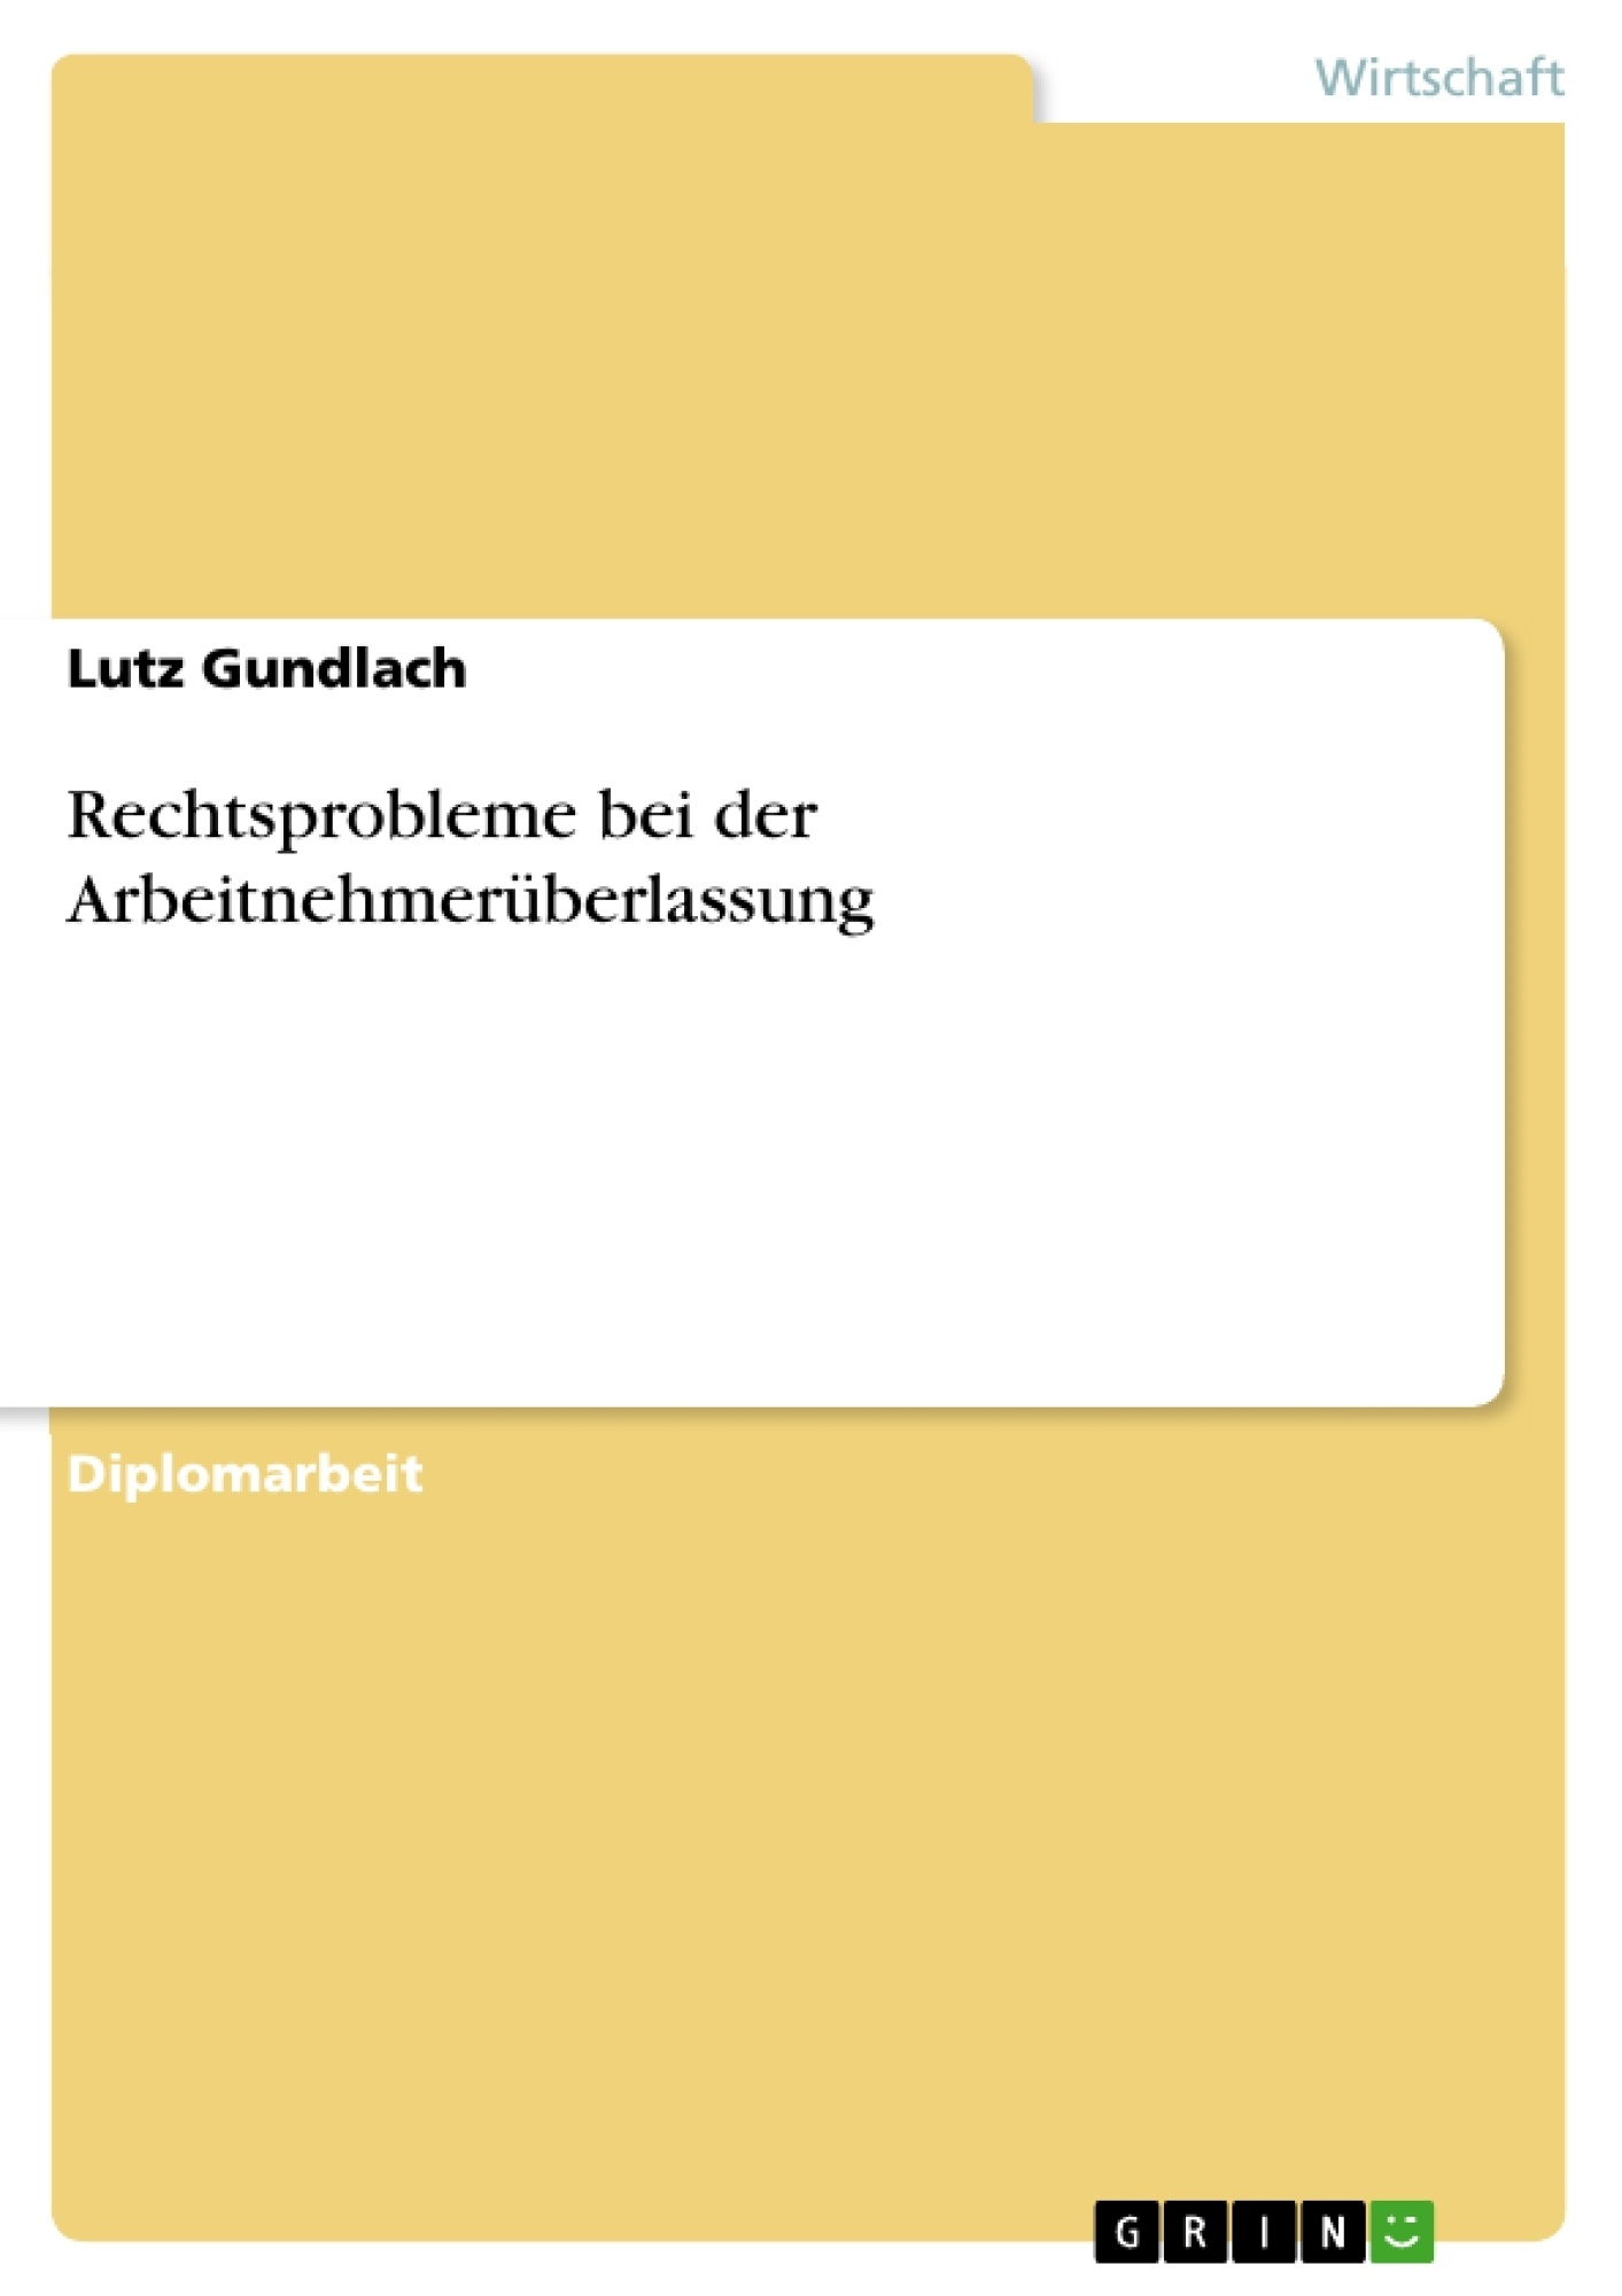 Titel: Rechtsprobleme bei der Arbeitnehmerüberlassung